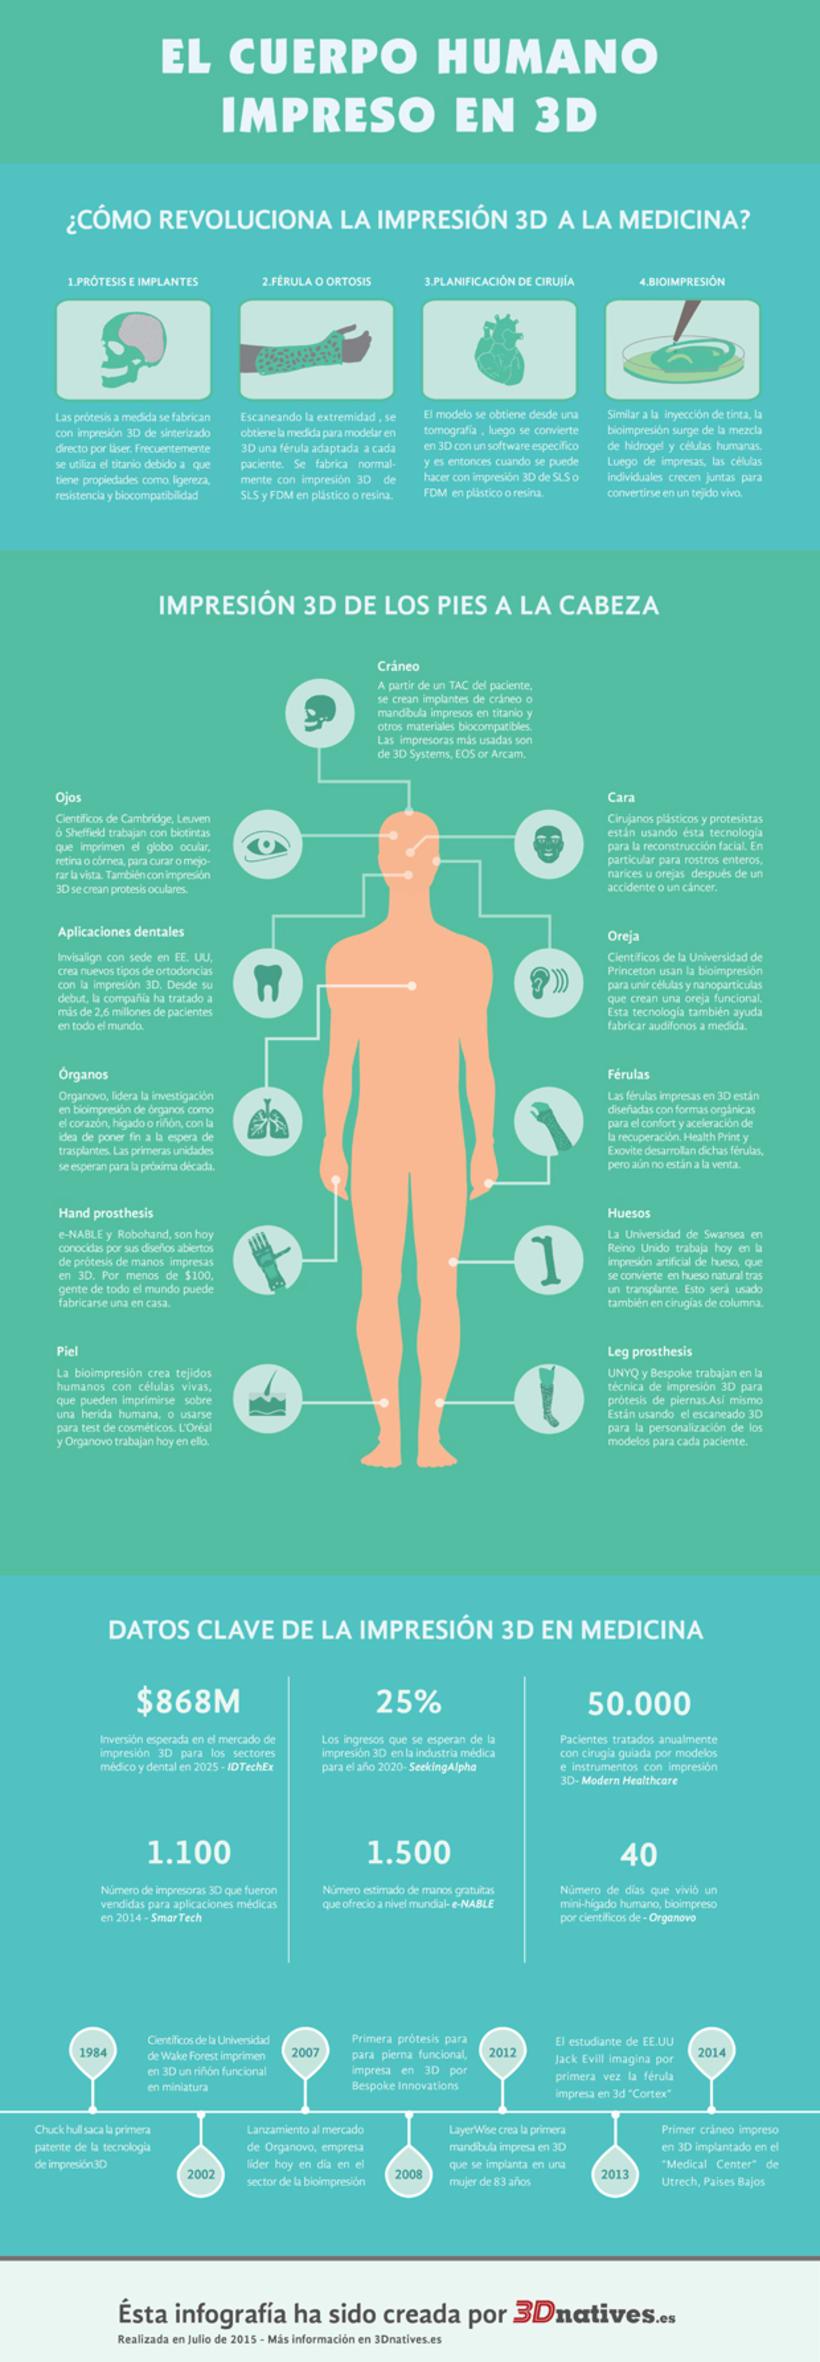 Infografía sobre la medicina en la impresión 3D para 3Dnatives. 1